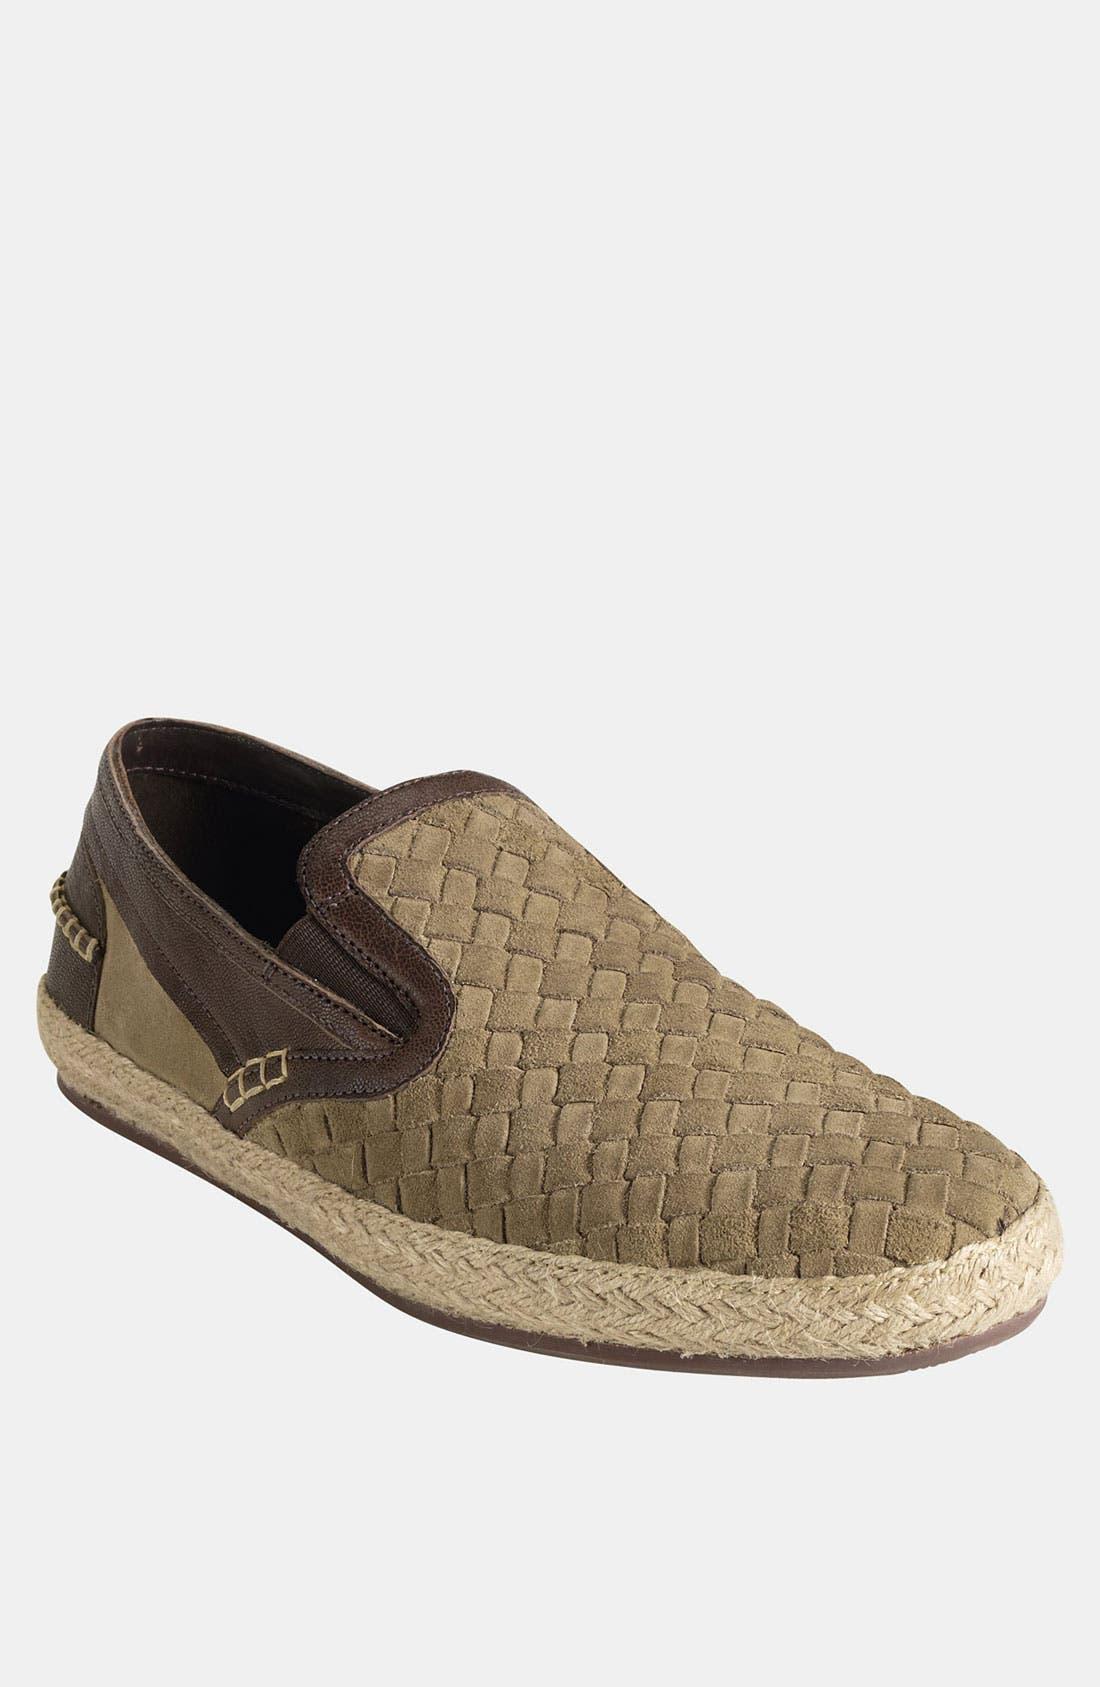 Alternate Image 1 Selected - Cole Haan 'Seawall' Sneaker